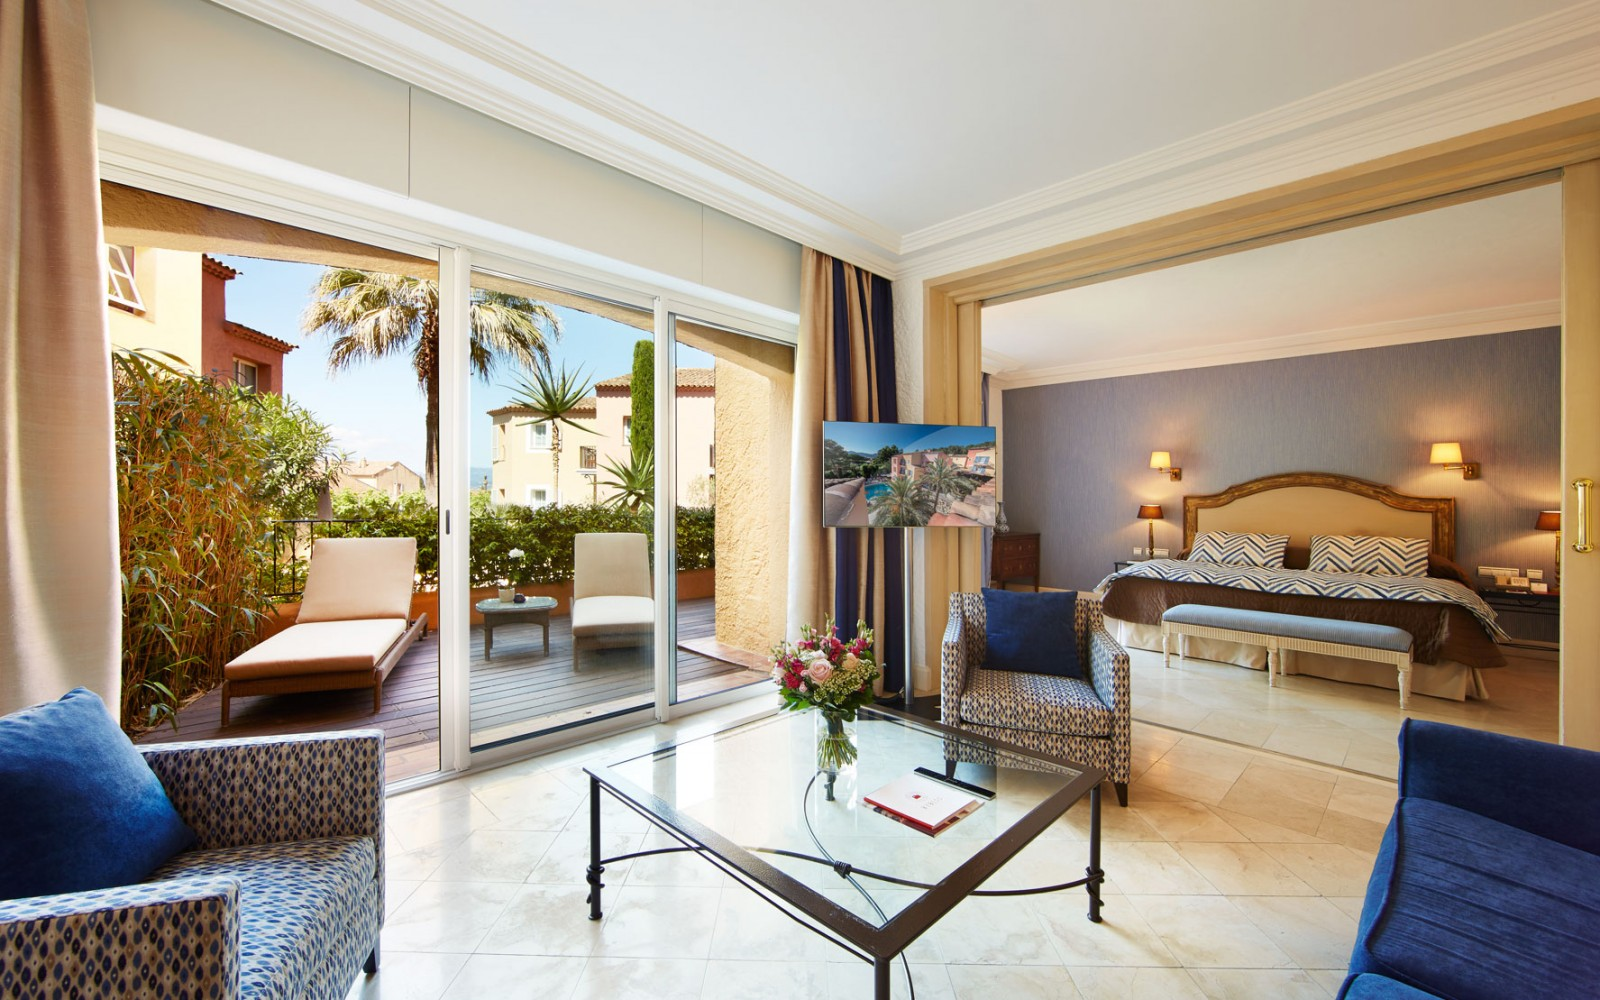 Hotel_Byblos_Saint-Tropez_Suite-Junior-127-1600x1000